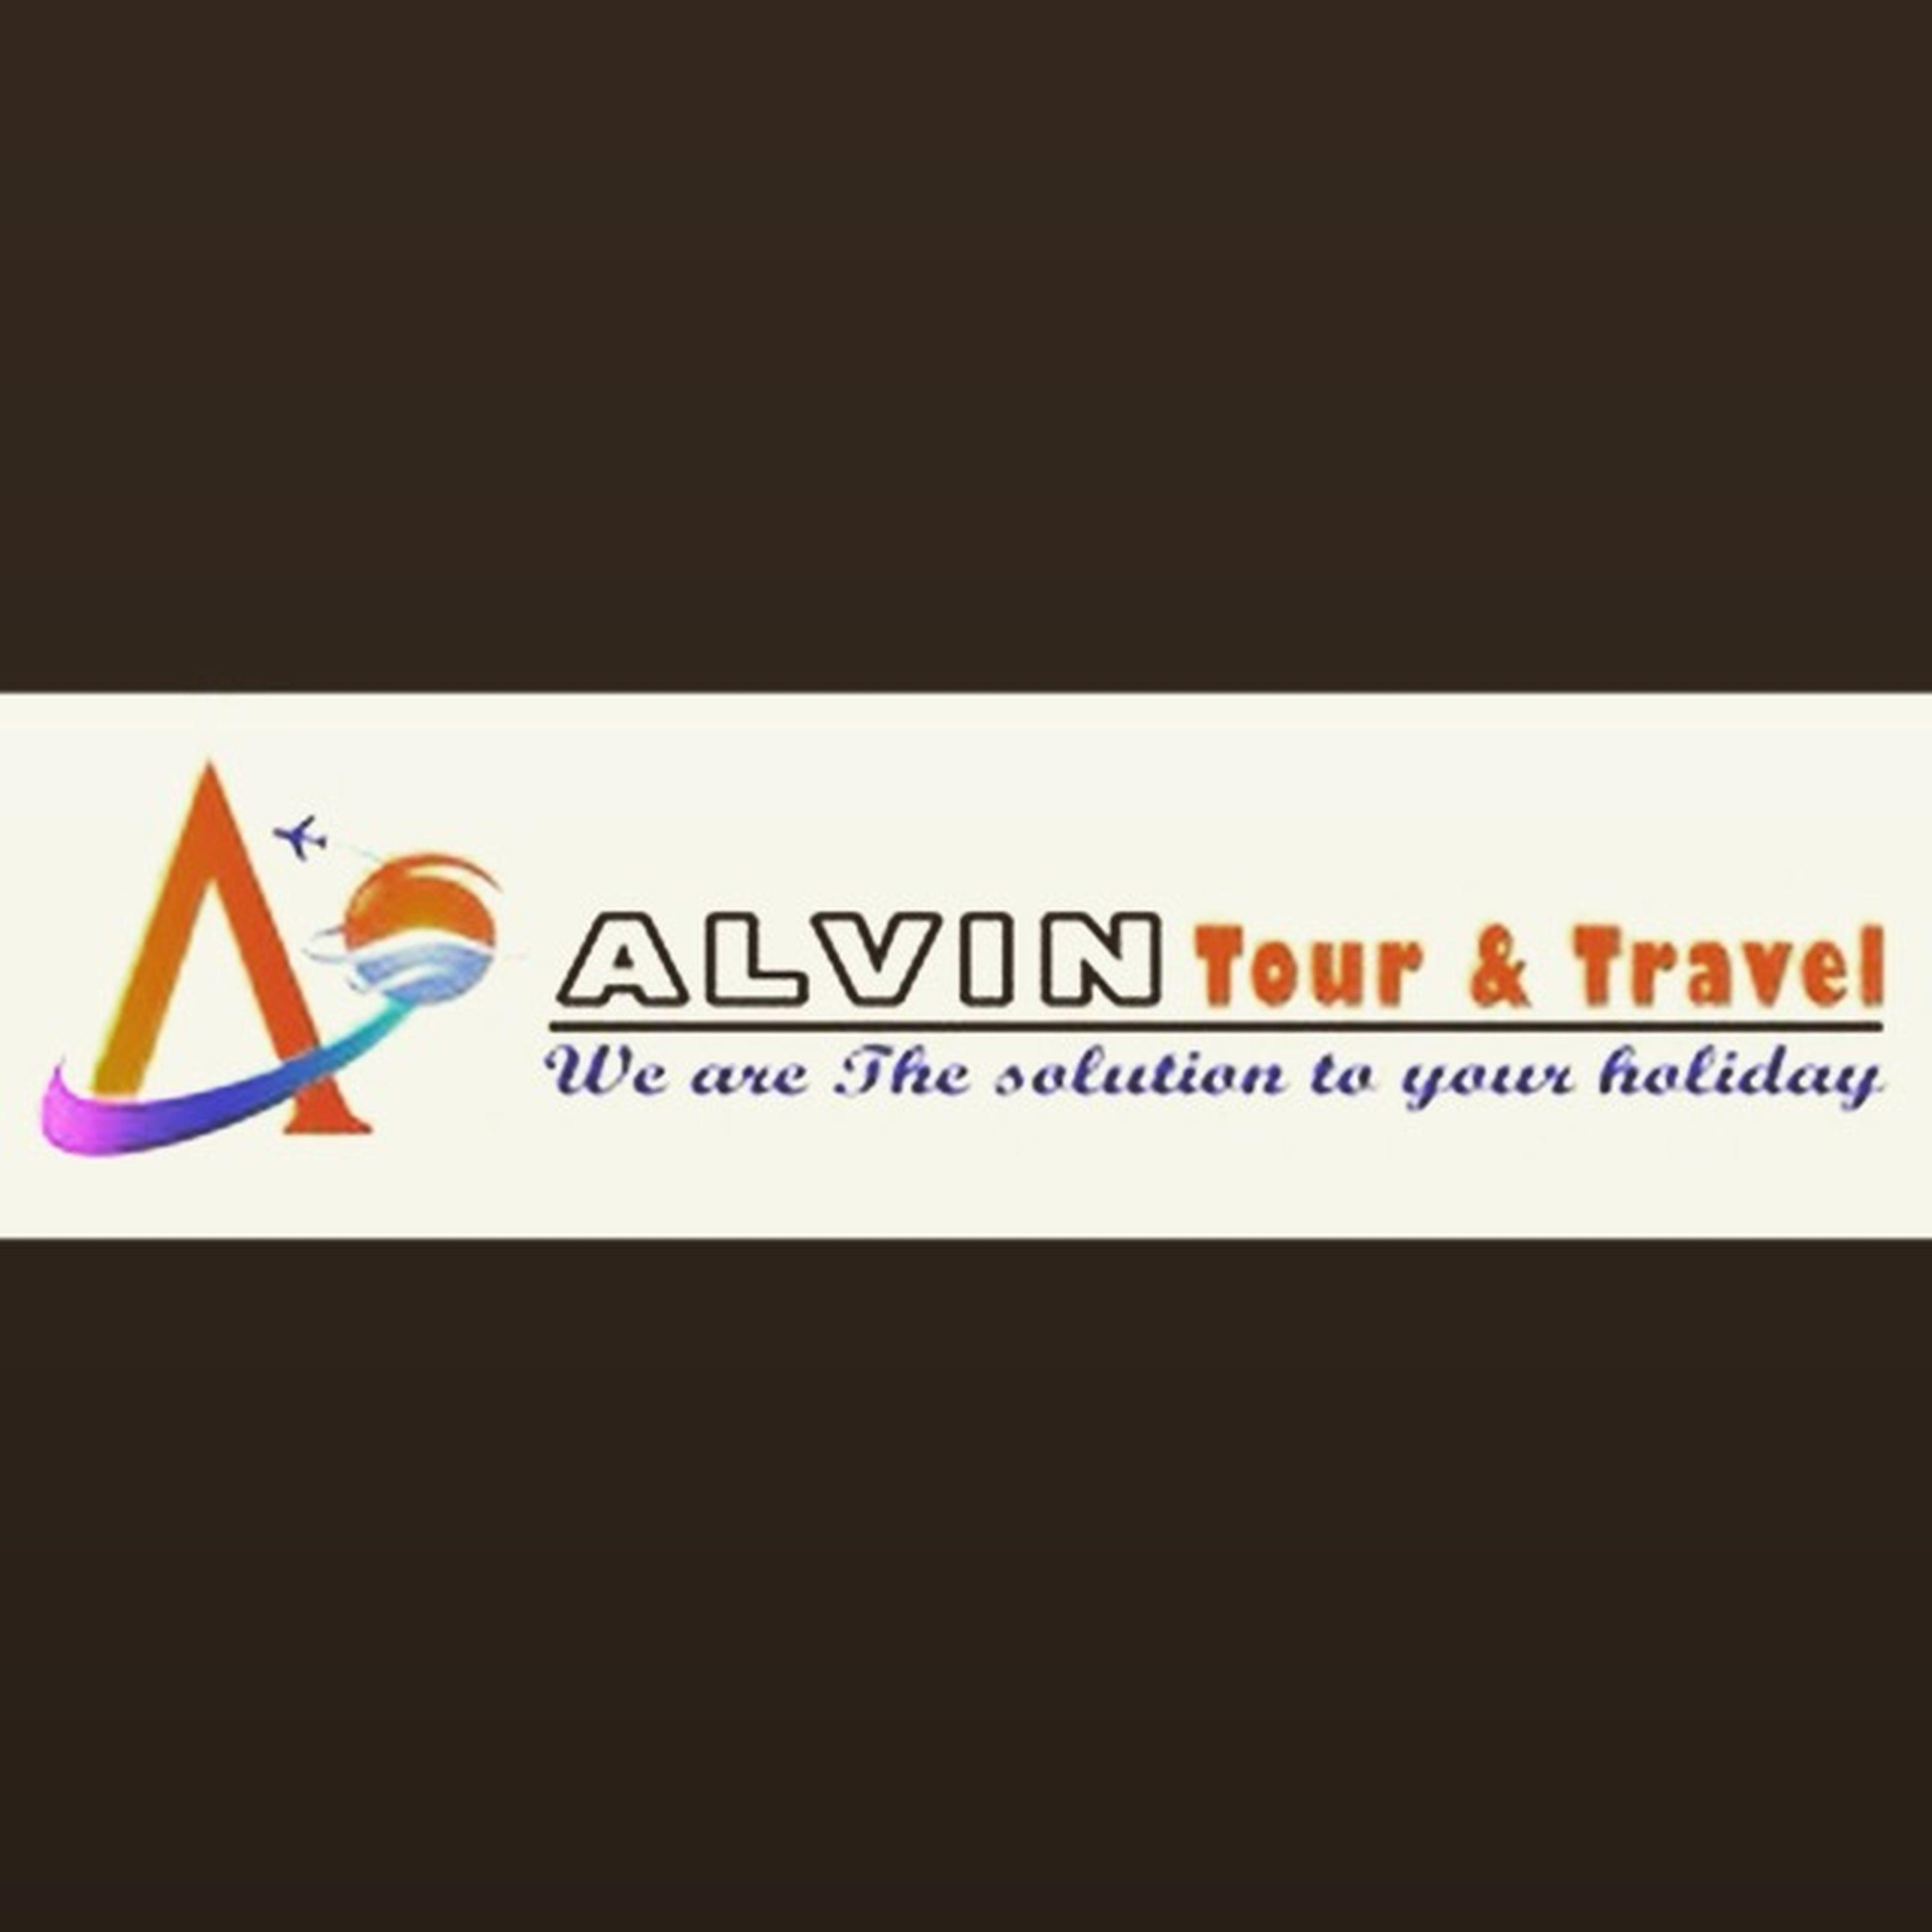 Melayani:tiket pesawat domestik&internasional,kereta,hotel,umroh,traveling,gathring,solar industri.